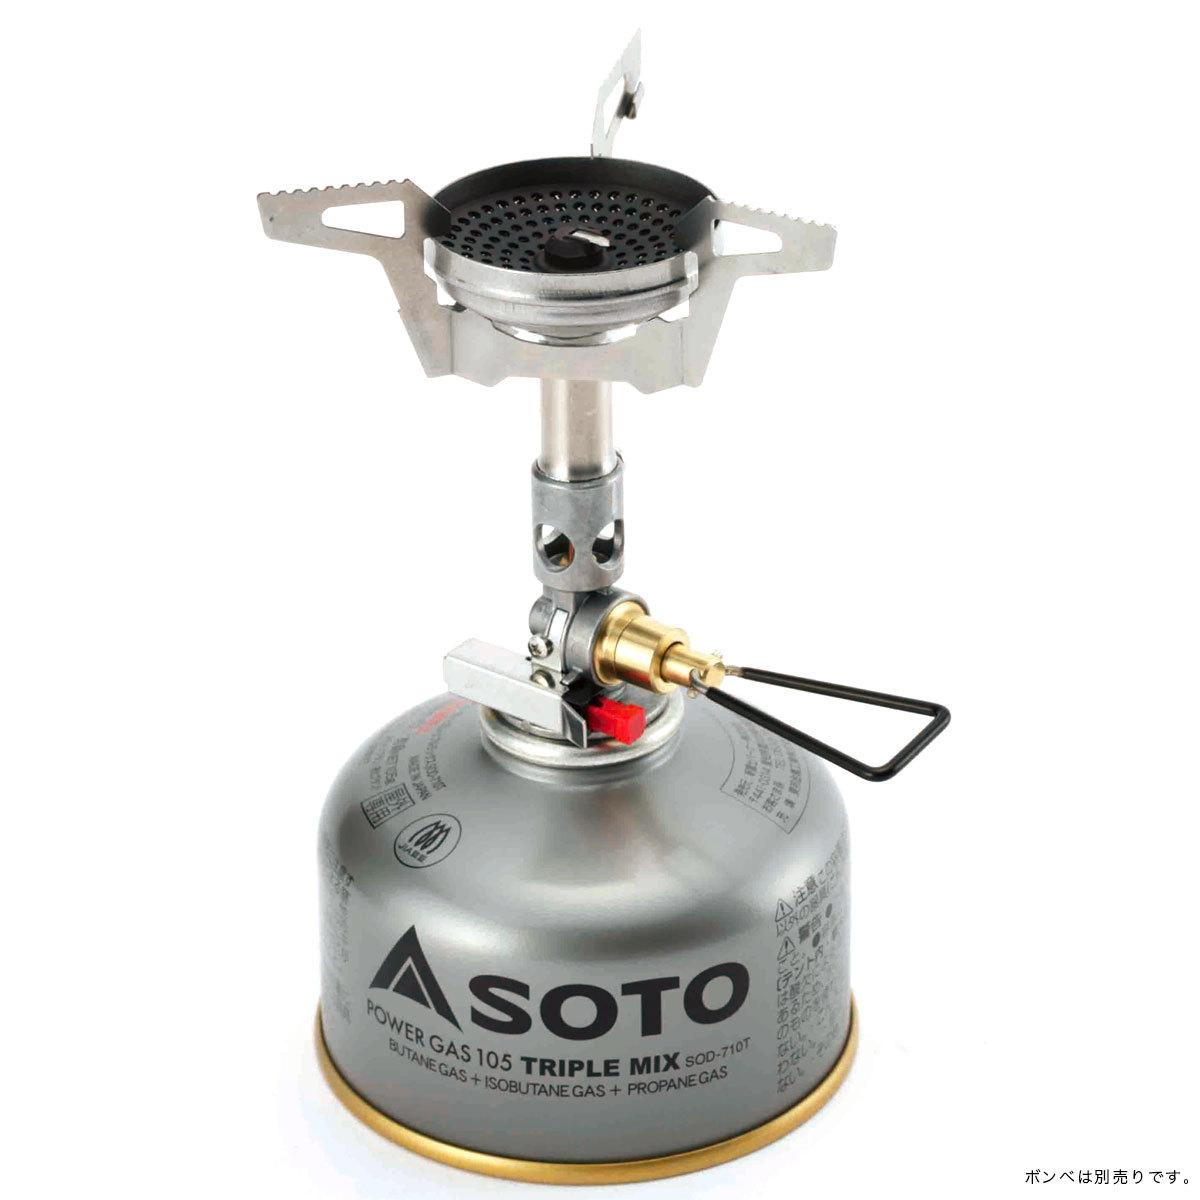 SOTO(ソト)マイクロレギュレーターストーブ ウインドマスター SOD-310